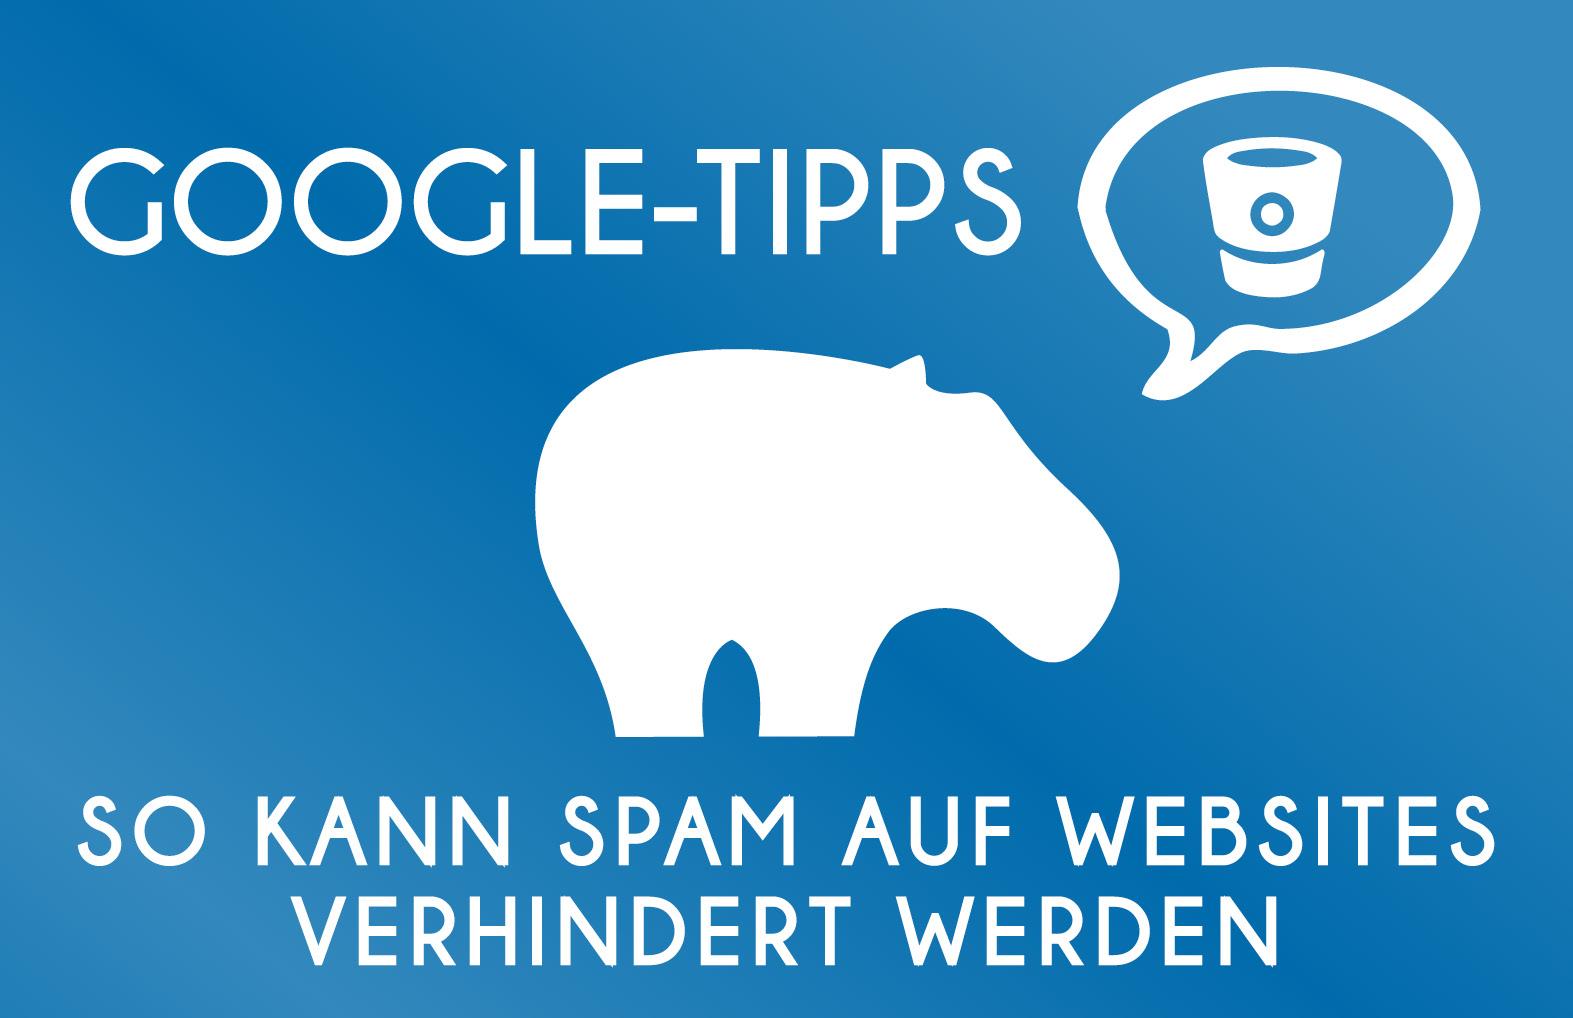 Google Tipp - So kann Spam auf Websites verhindert werden